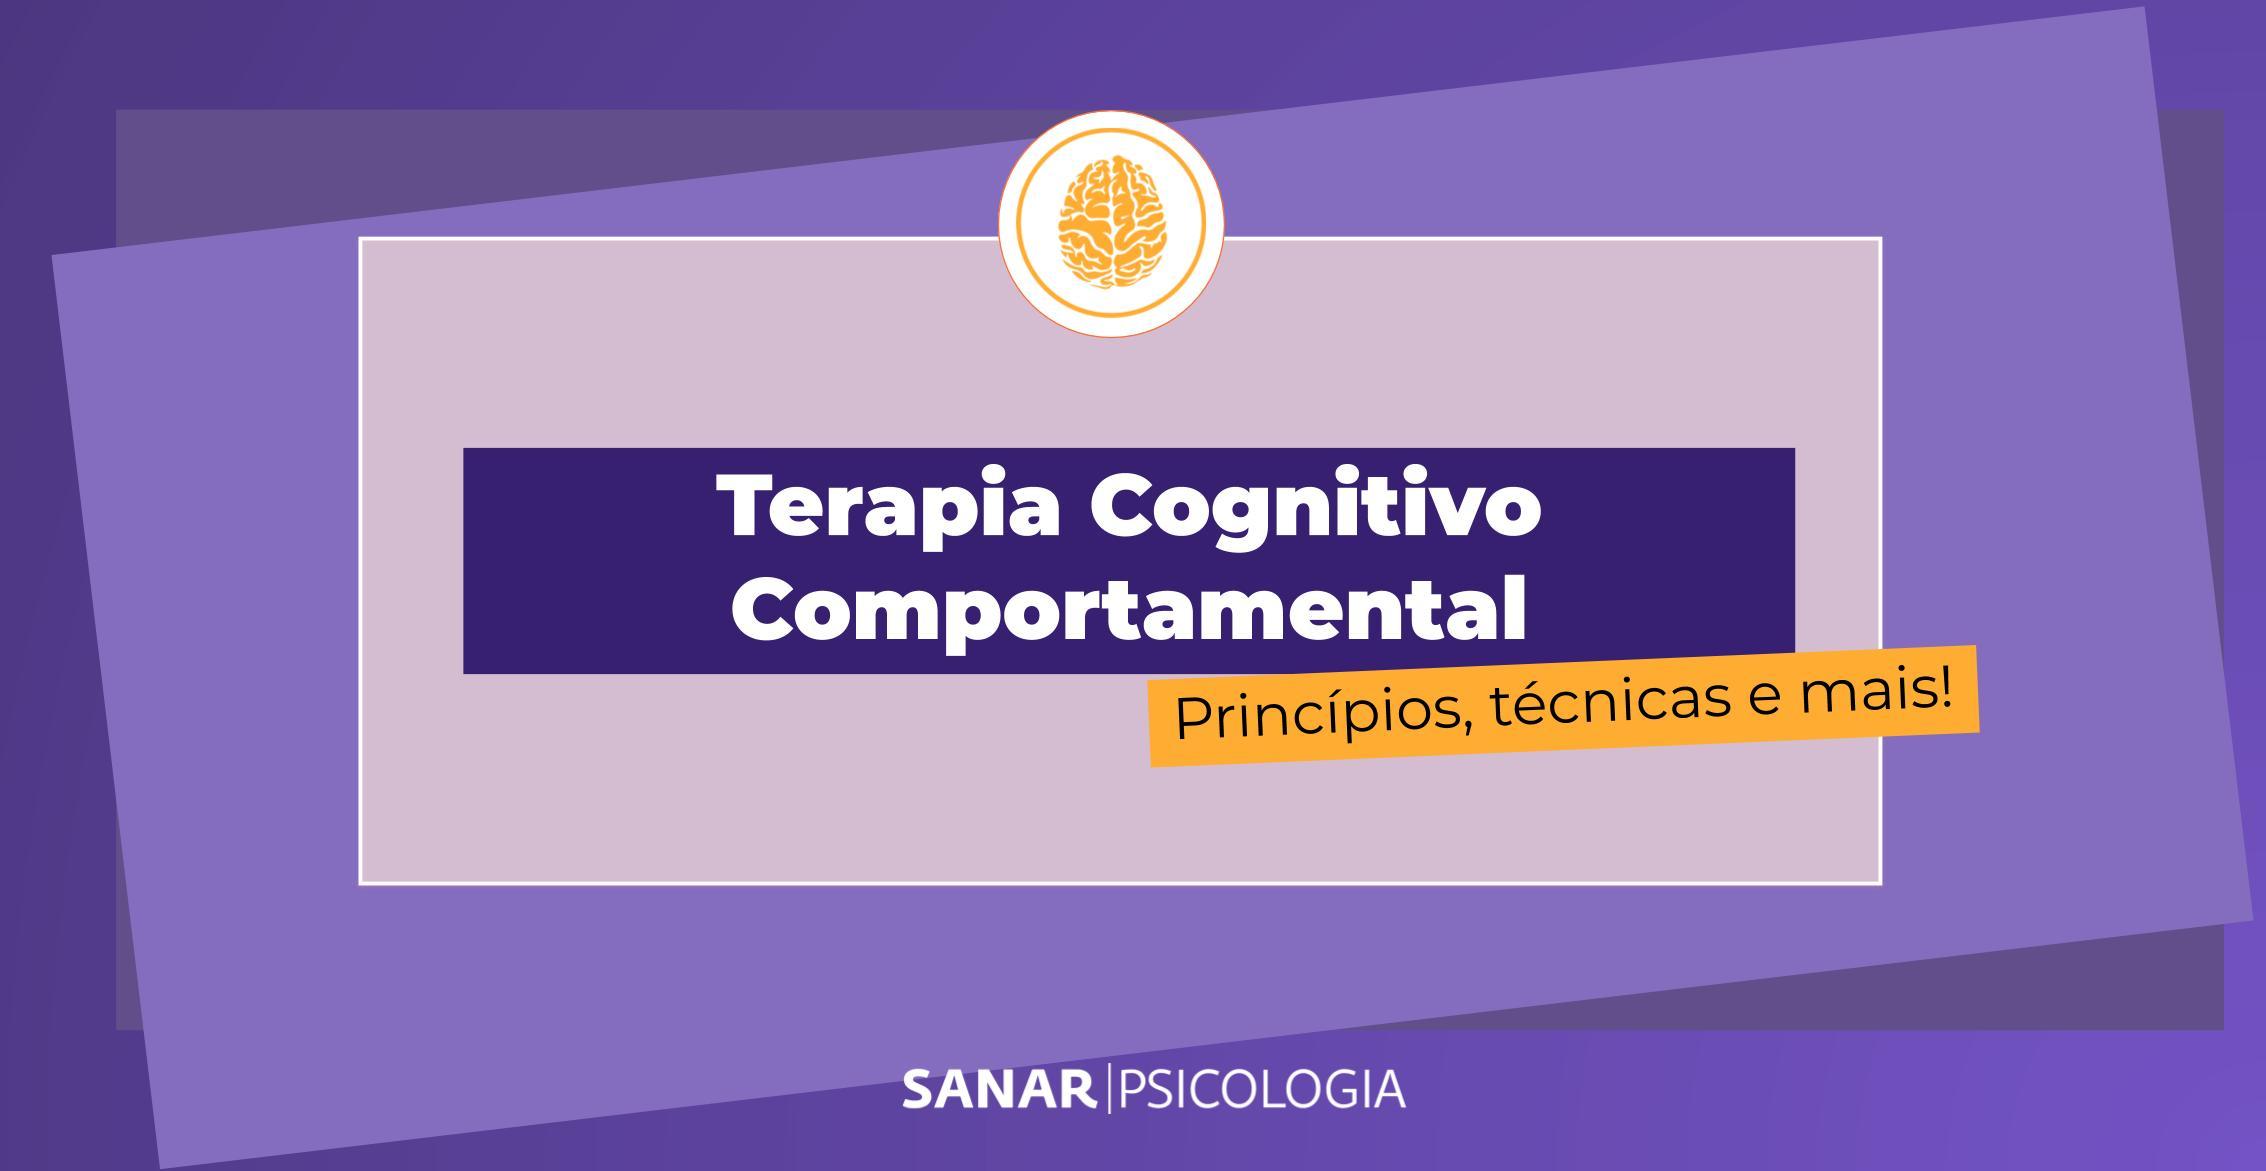 Terapia Cognitivo Comportamental: princípios, técnicas e mais!